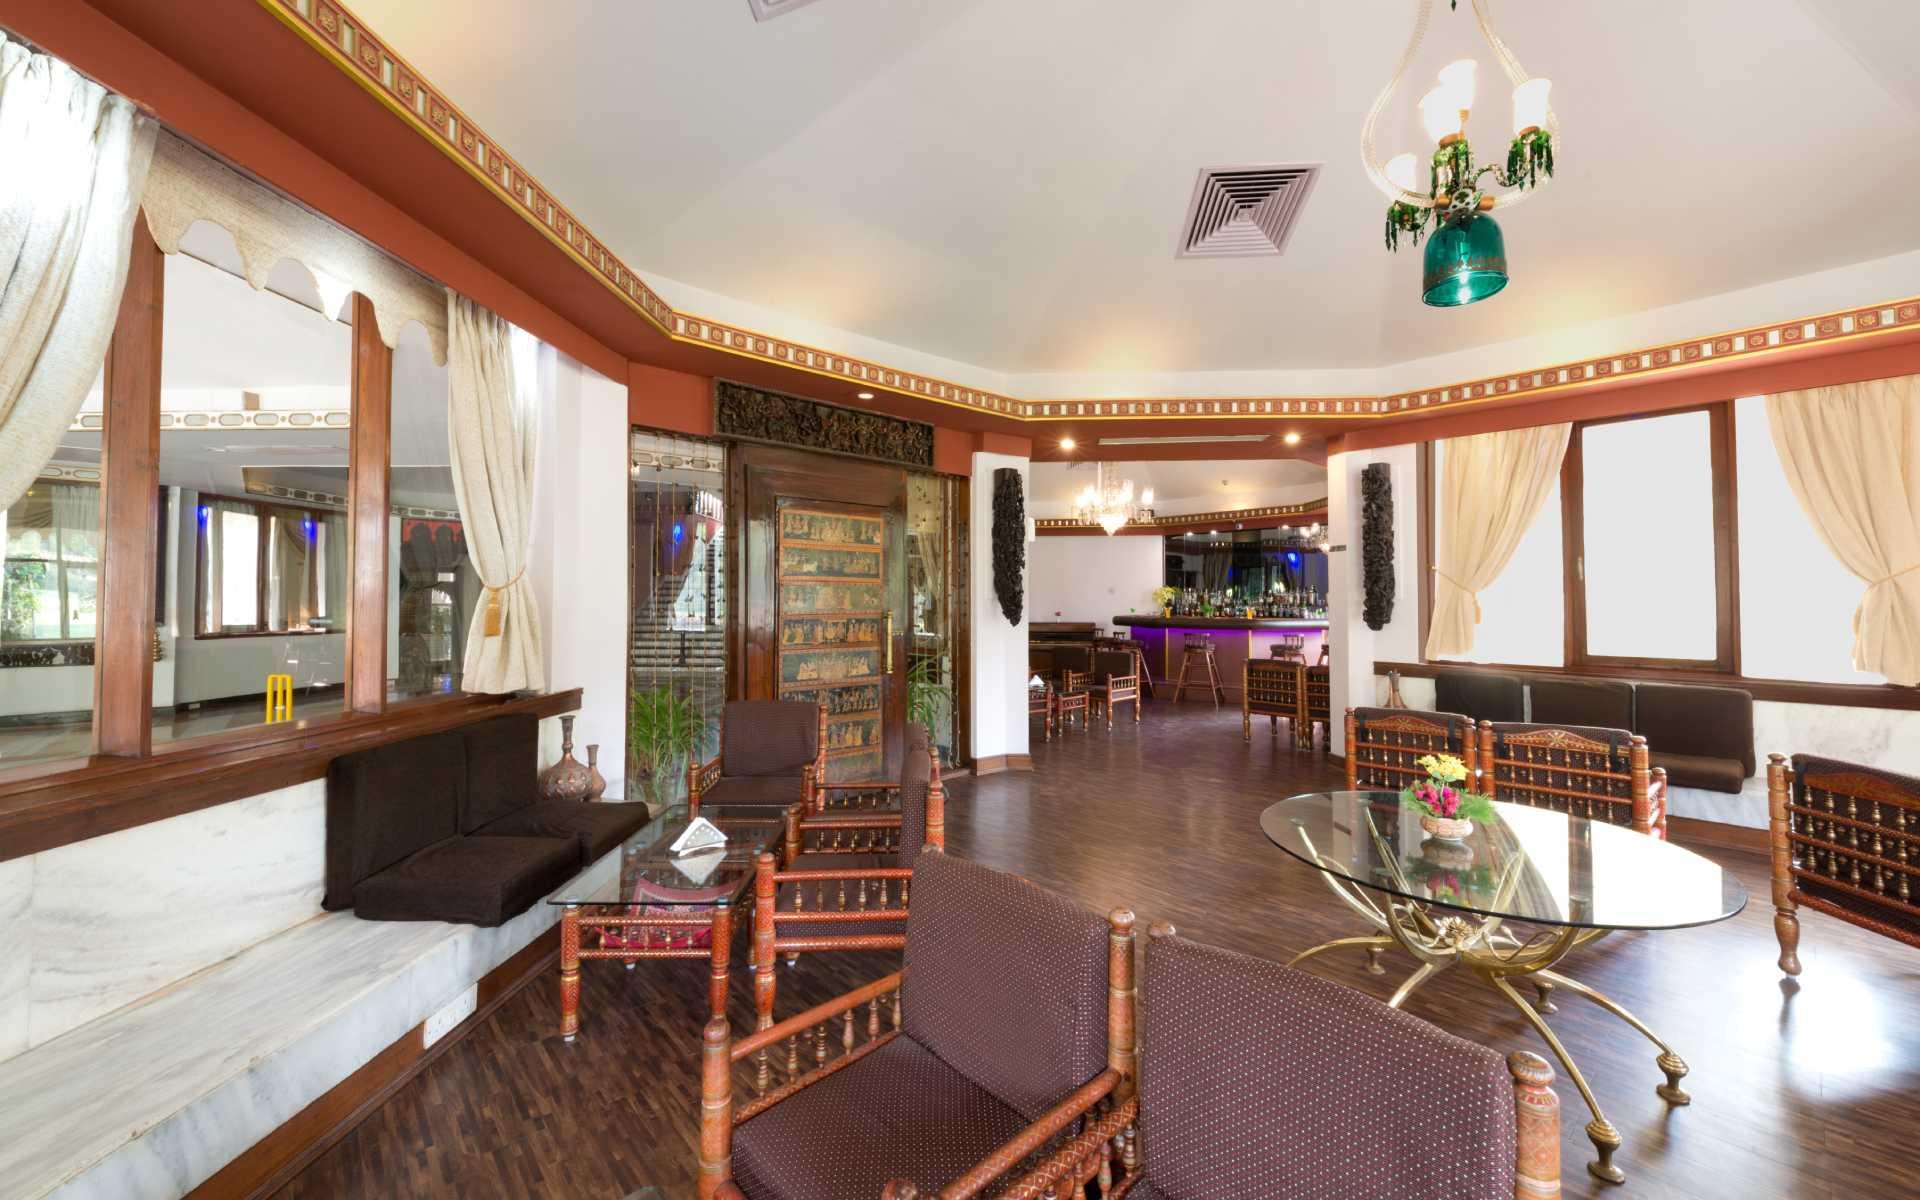 garbah Restaurant Ambassador Ajanta Aurangabad Dining 2 - The Ambassador | Heritage Hotels in Mumbai, Aurangabad, Chennai - Garbah Bar